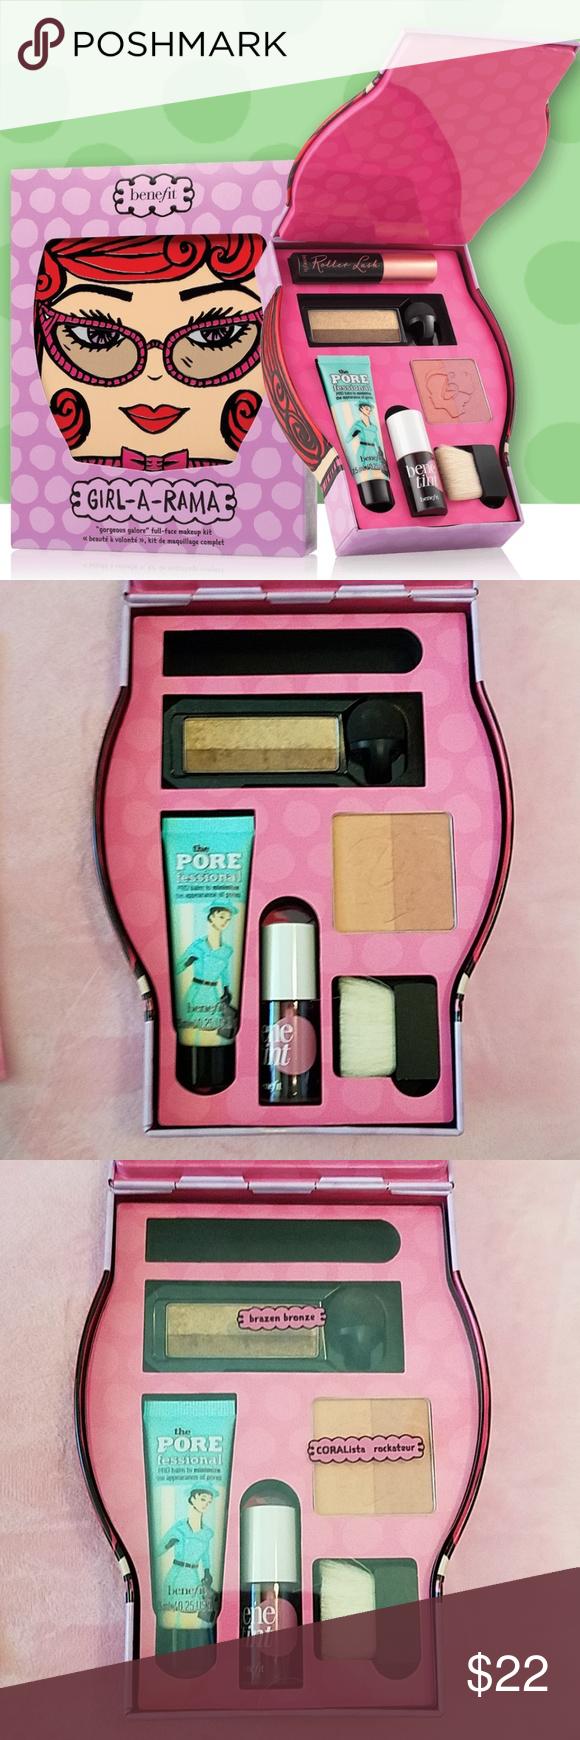 Benefit GirlARama Face makeup kit, Travel size